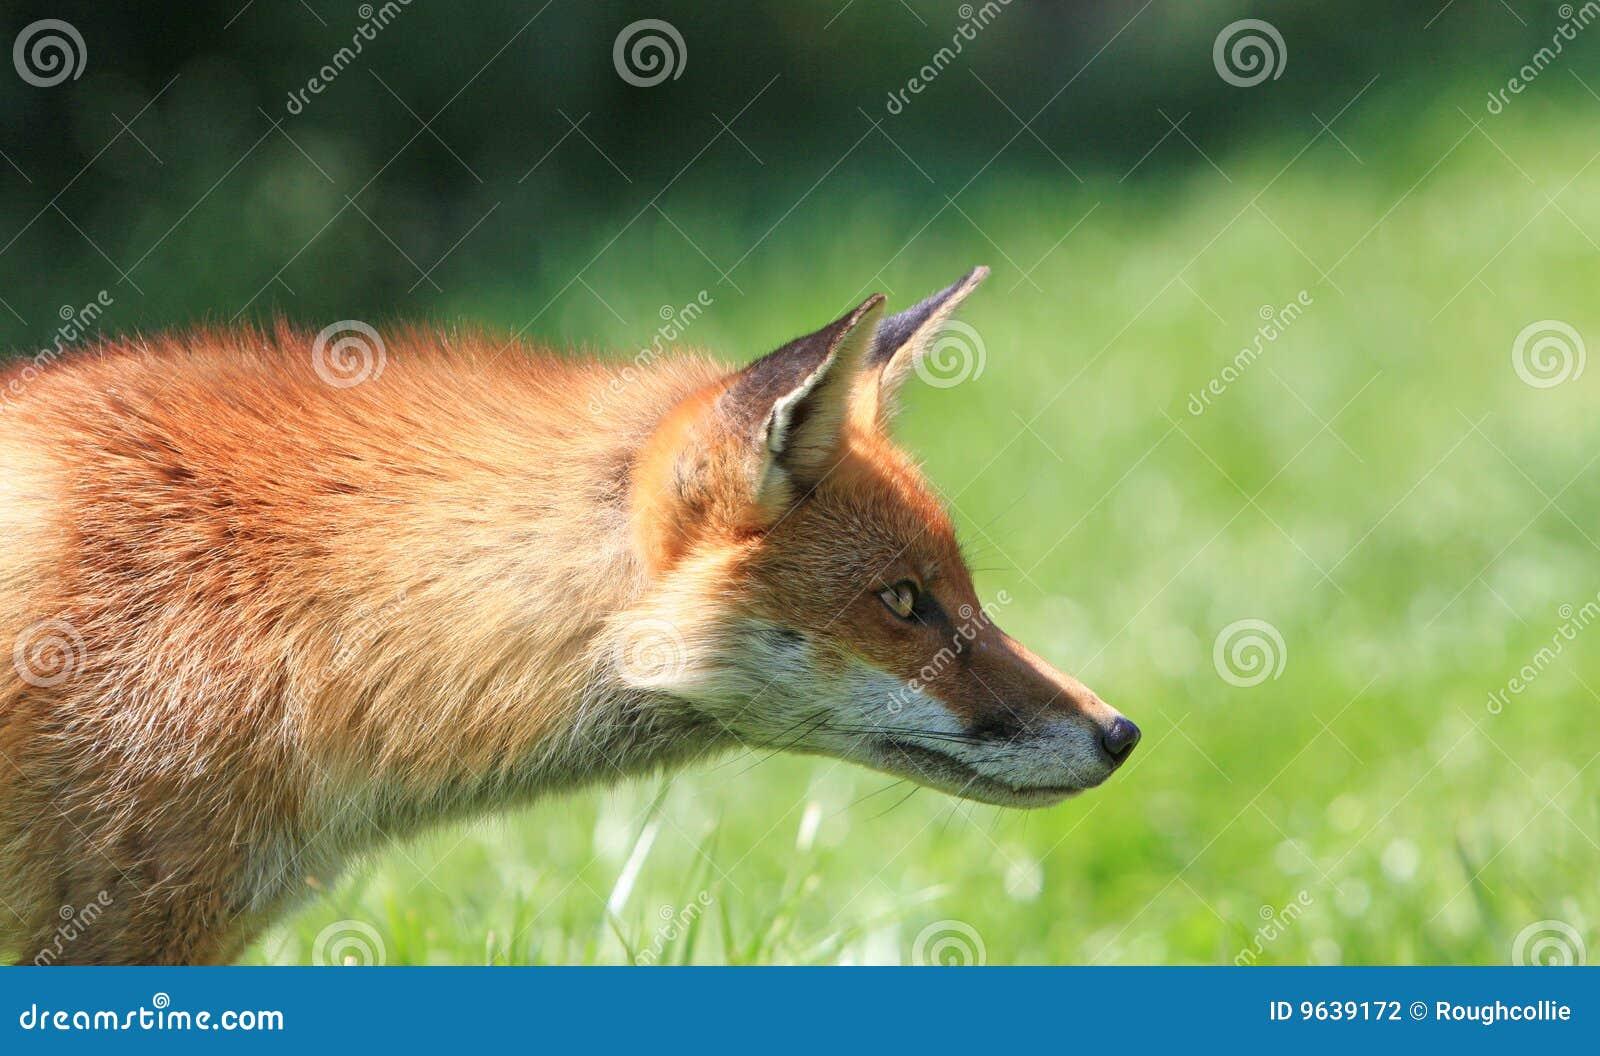 Fox sleale